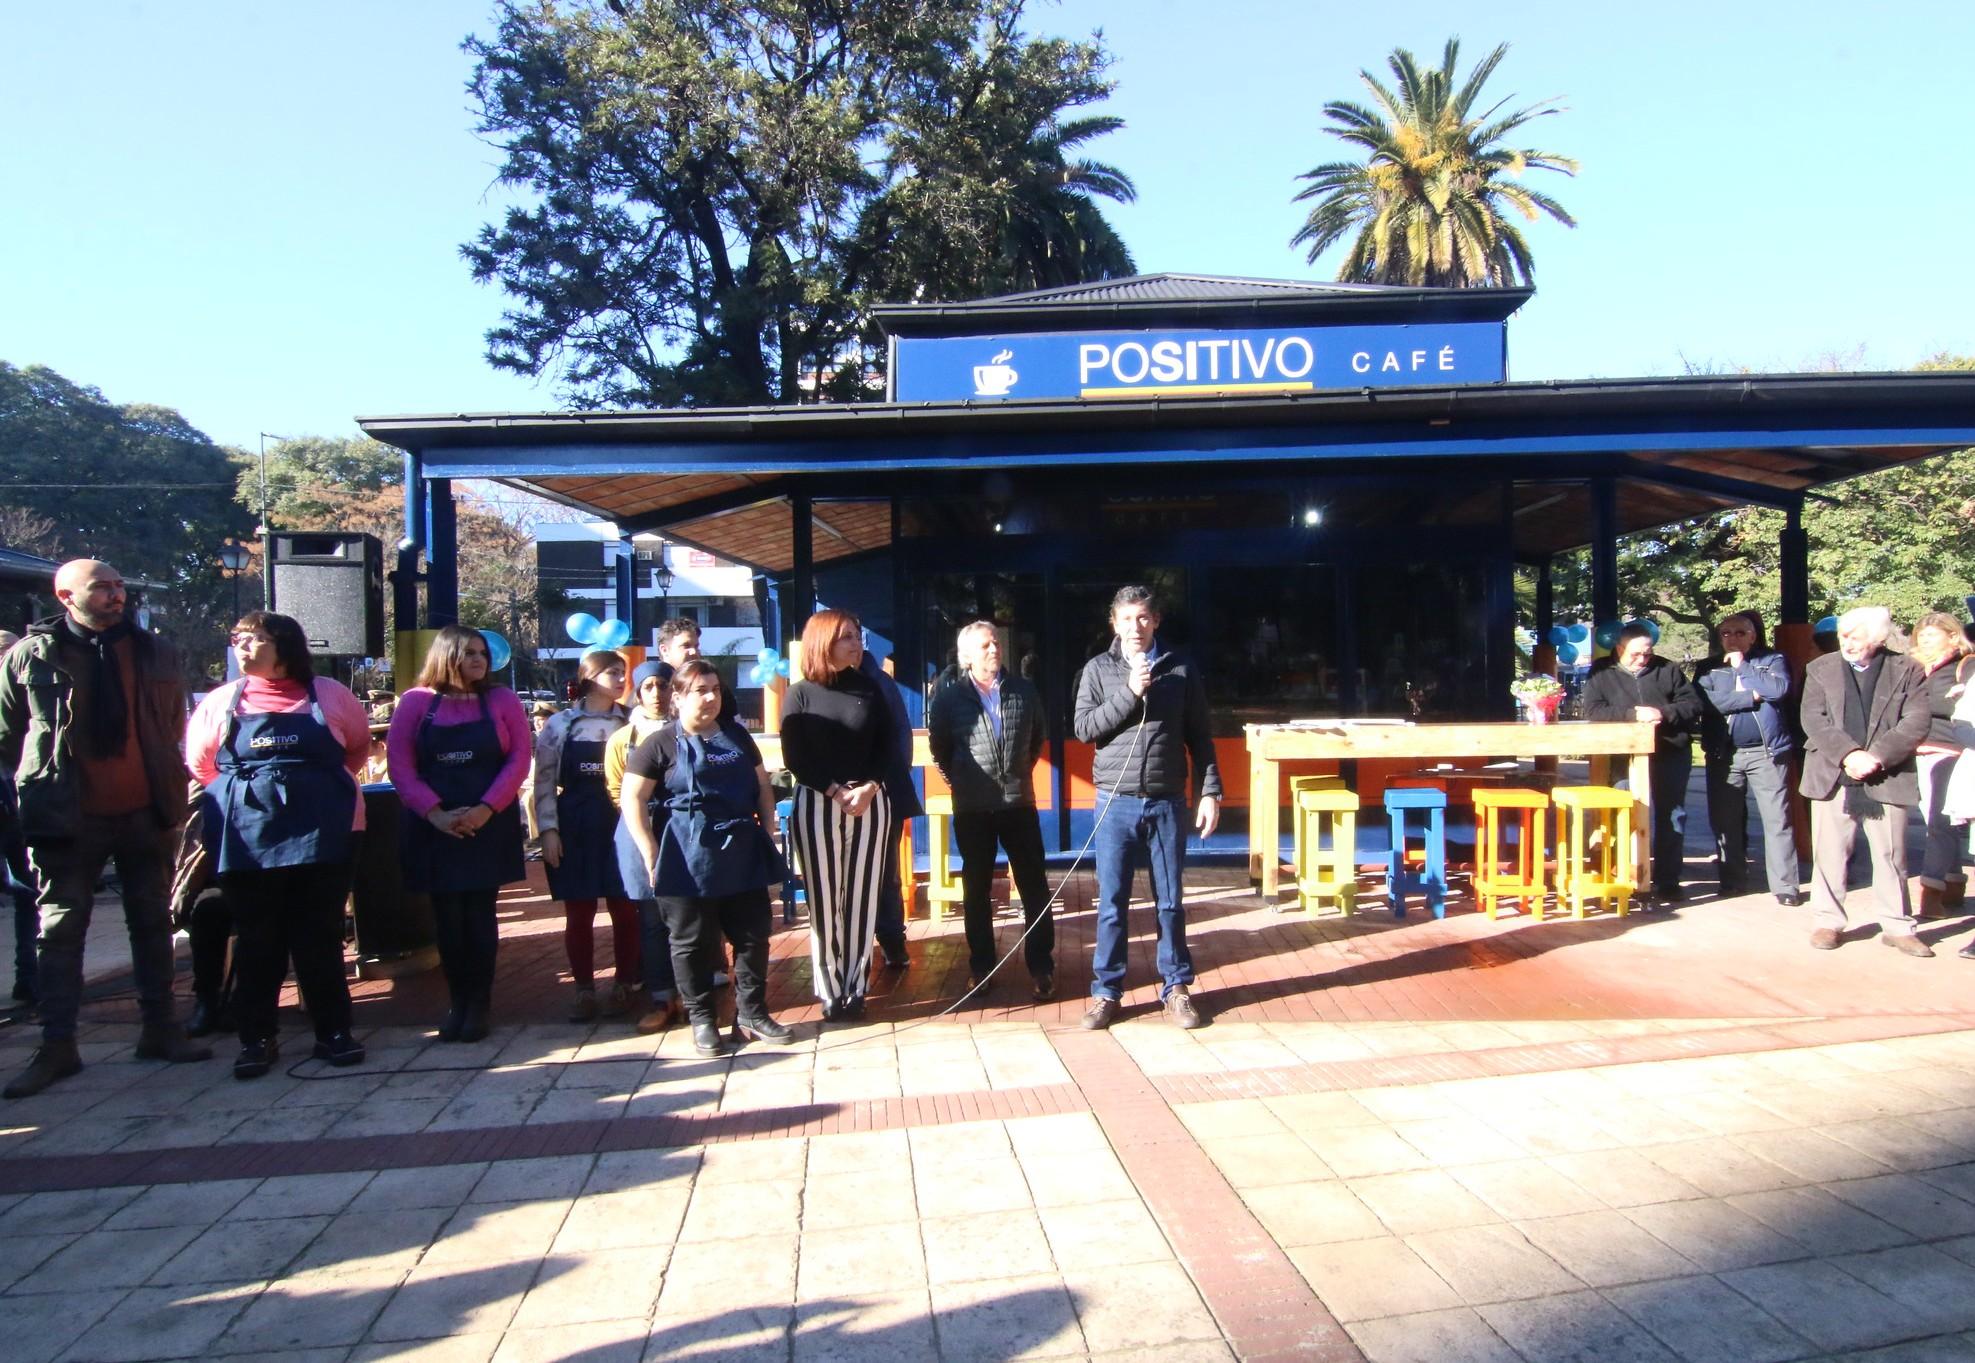 San Isidro abrió un bar inclusivo atendido por personas con discapacidad